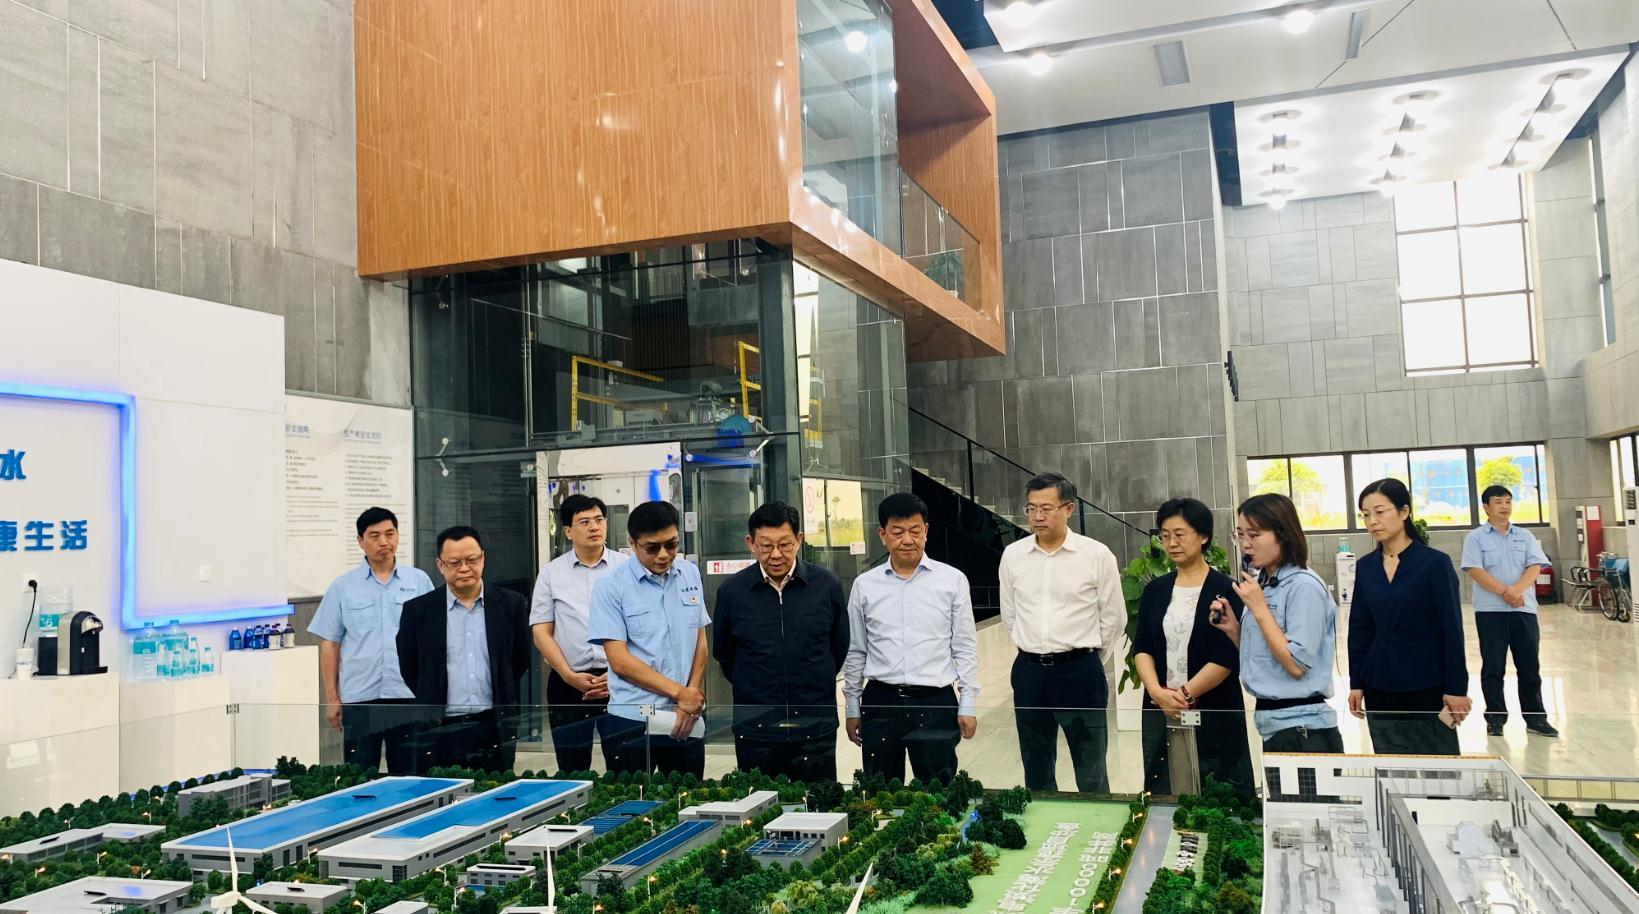 陈德铭会长出席第五届中国医药创新与投资大会及医药创新城市发展论坛